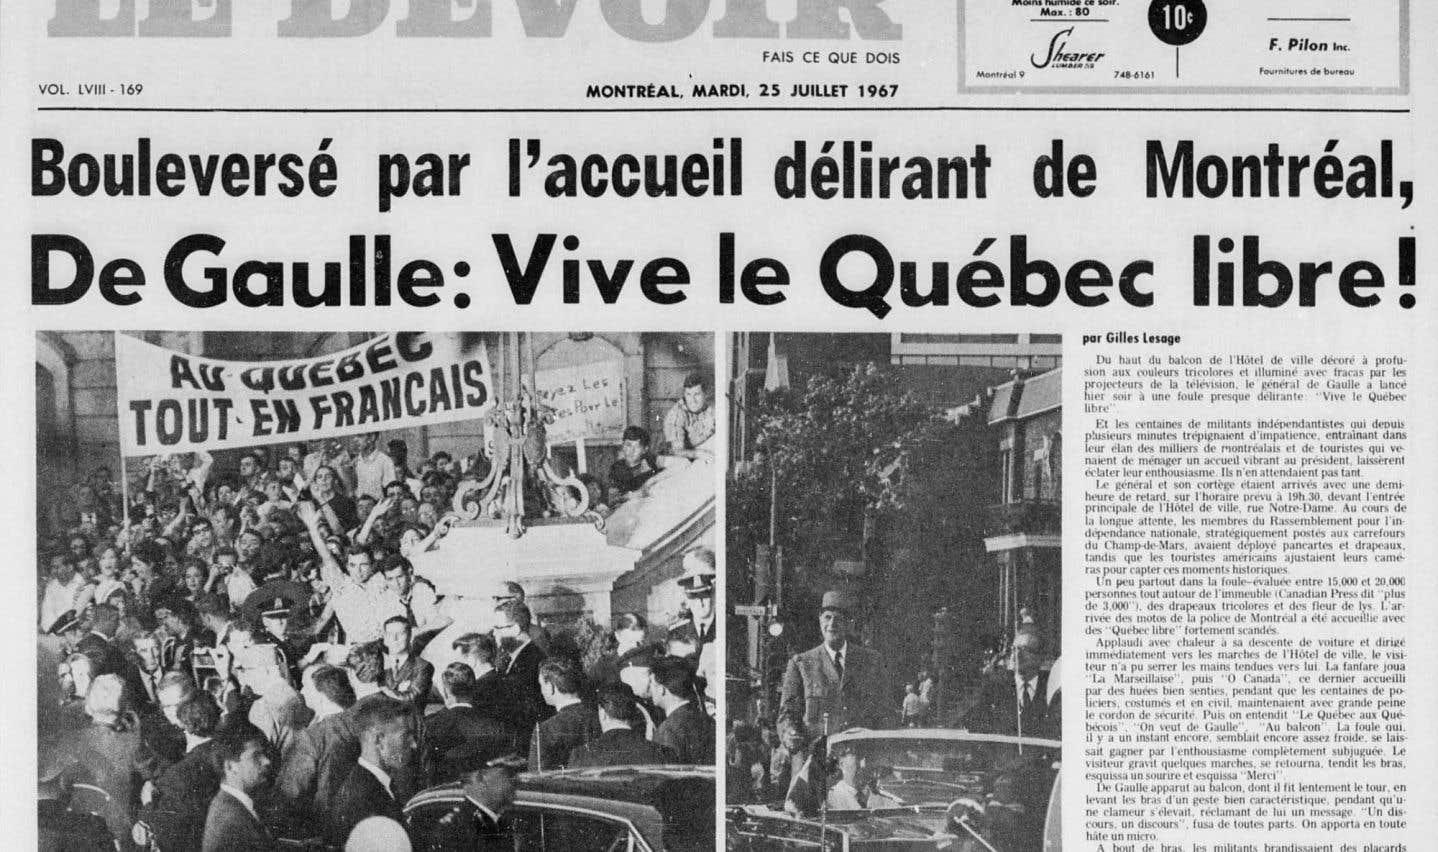 Il y a 50 ans, le général de Gaulle débarquait au Québec